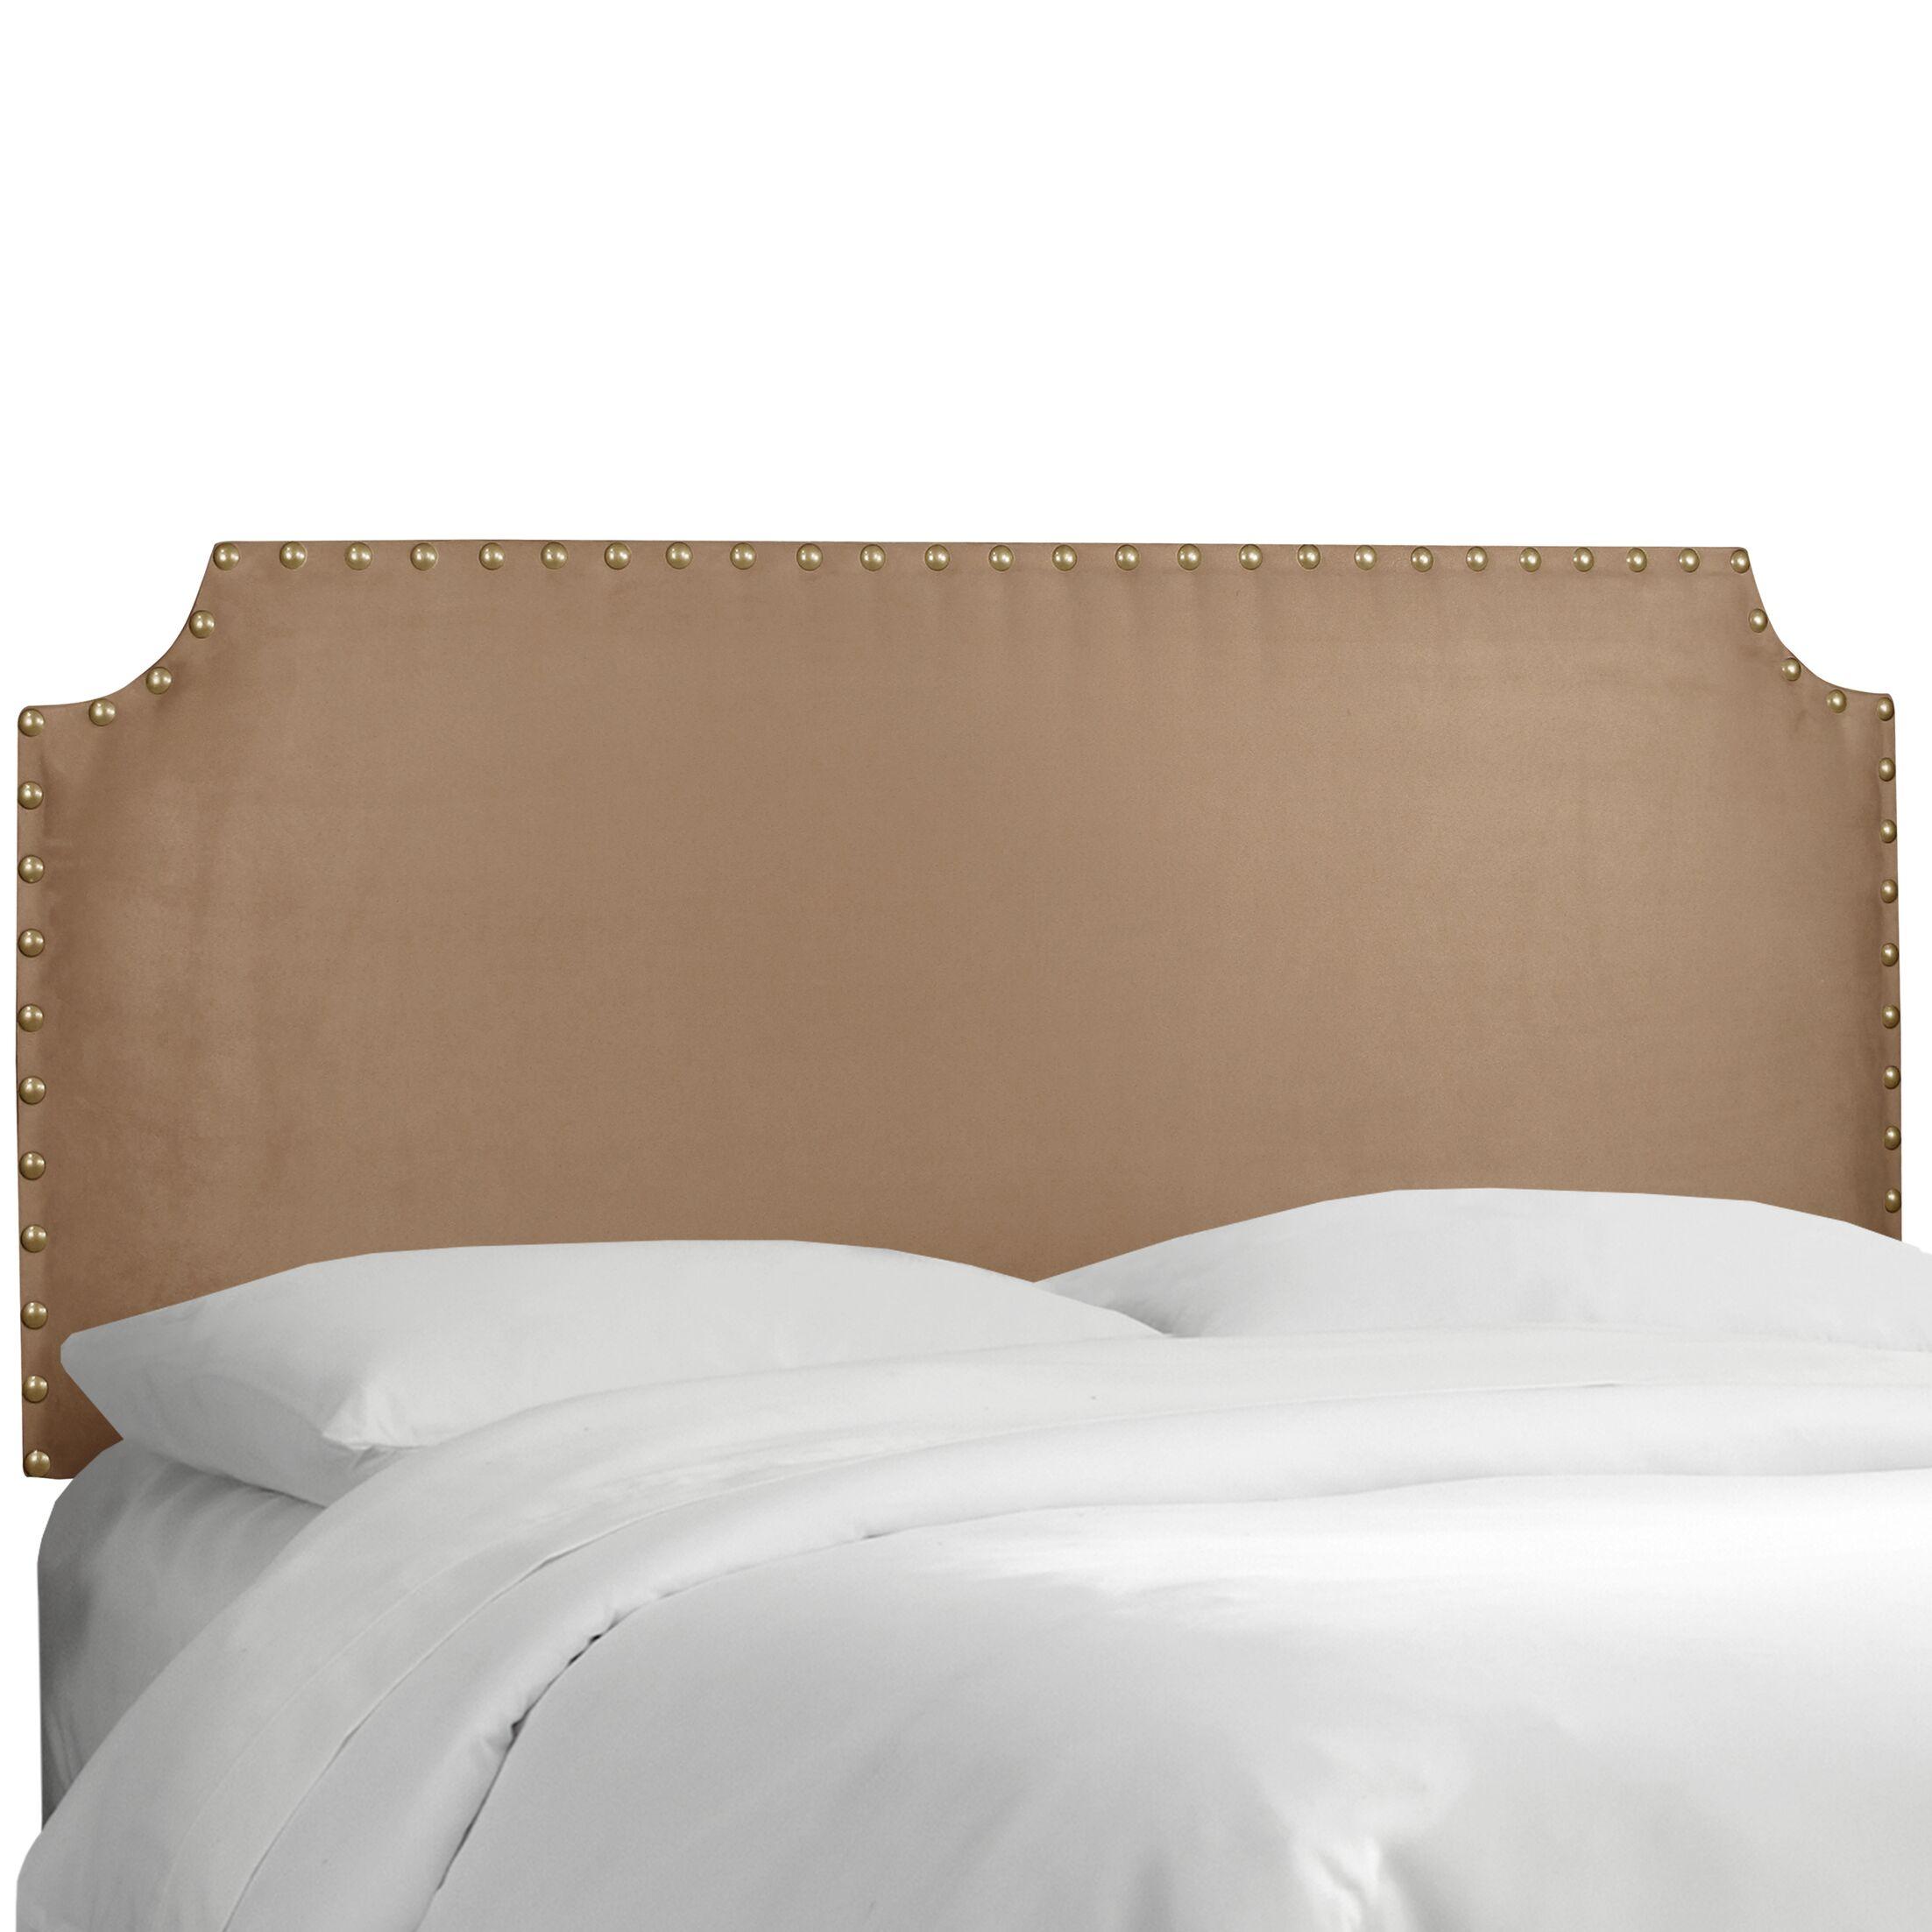 Adelia Upholstered Panel Headboard Size: Twin, Upholstery: Premier Saddle